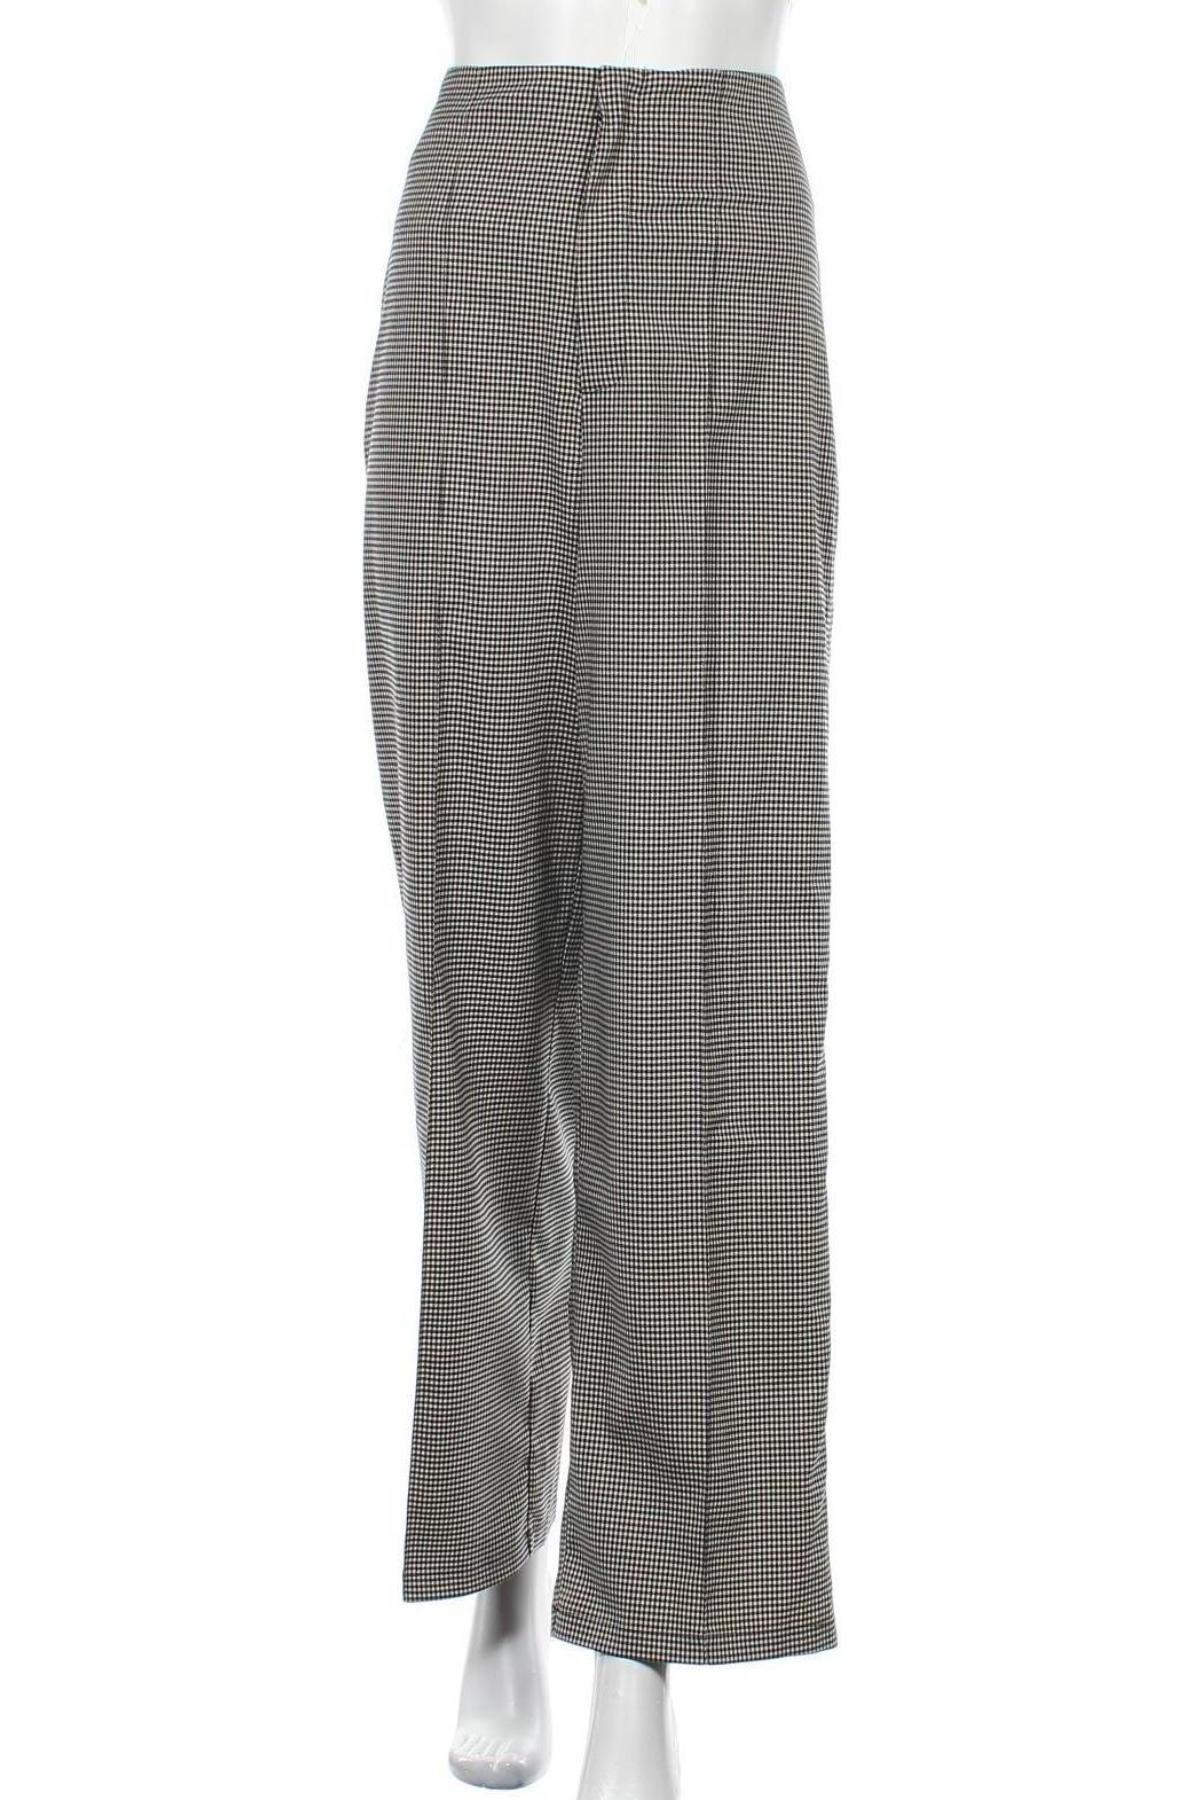 Дамски панталон Urban Outfitters, Размер M, Цвят Екрю, 67% полиестер, 31% вискоза, 2% еластан, Цена 16,38лв.